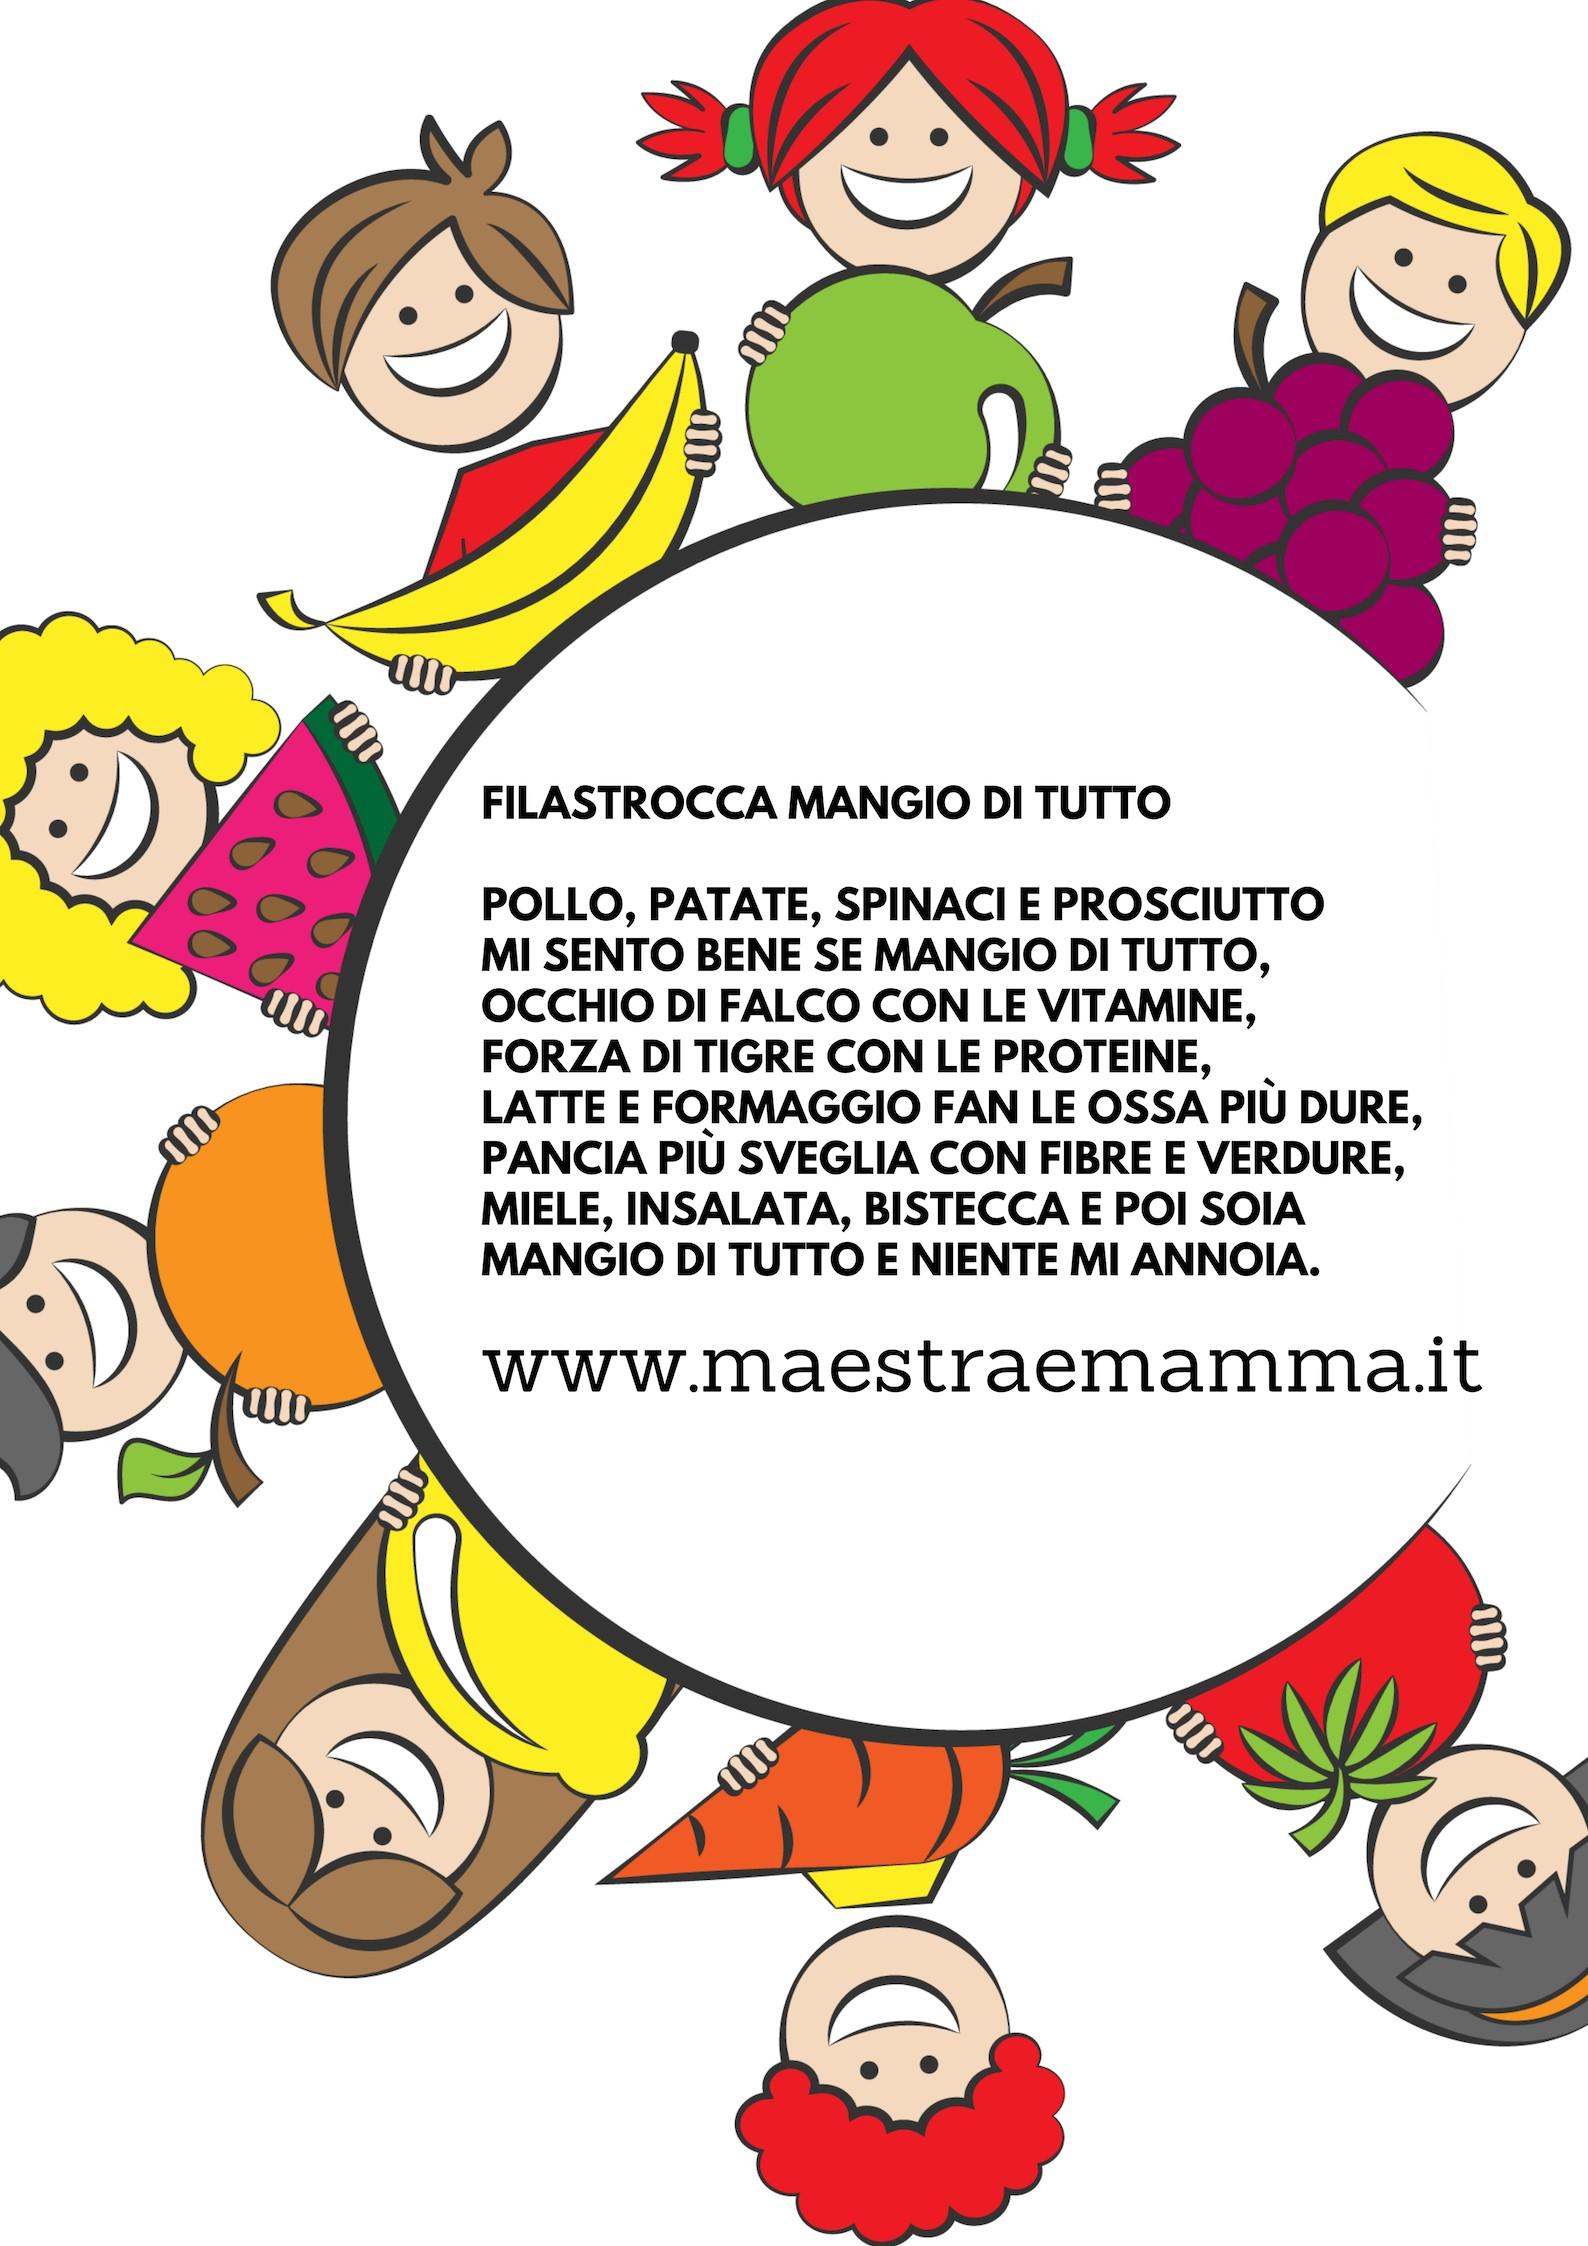 Filastrocca del buon appetito - FILASTROCCA MANGIO DI TUTTO